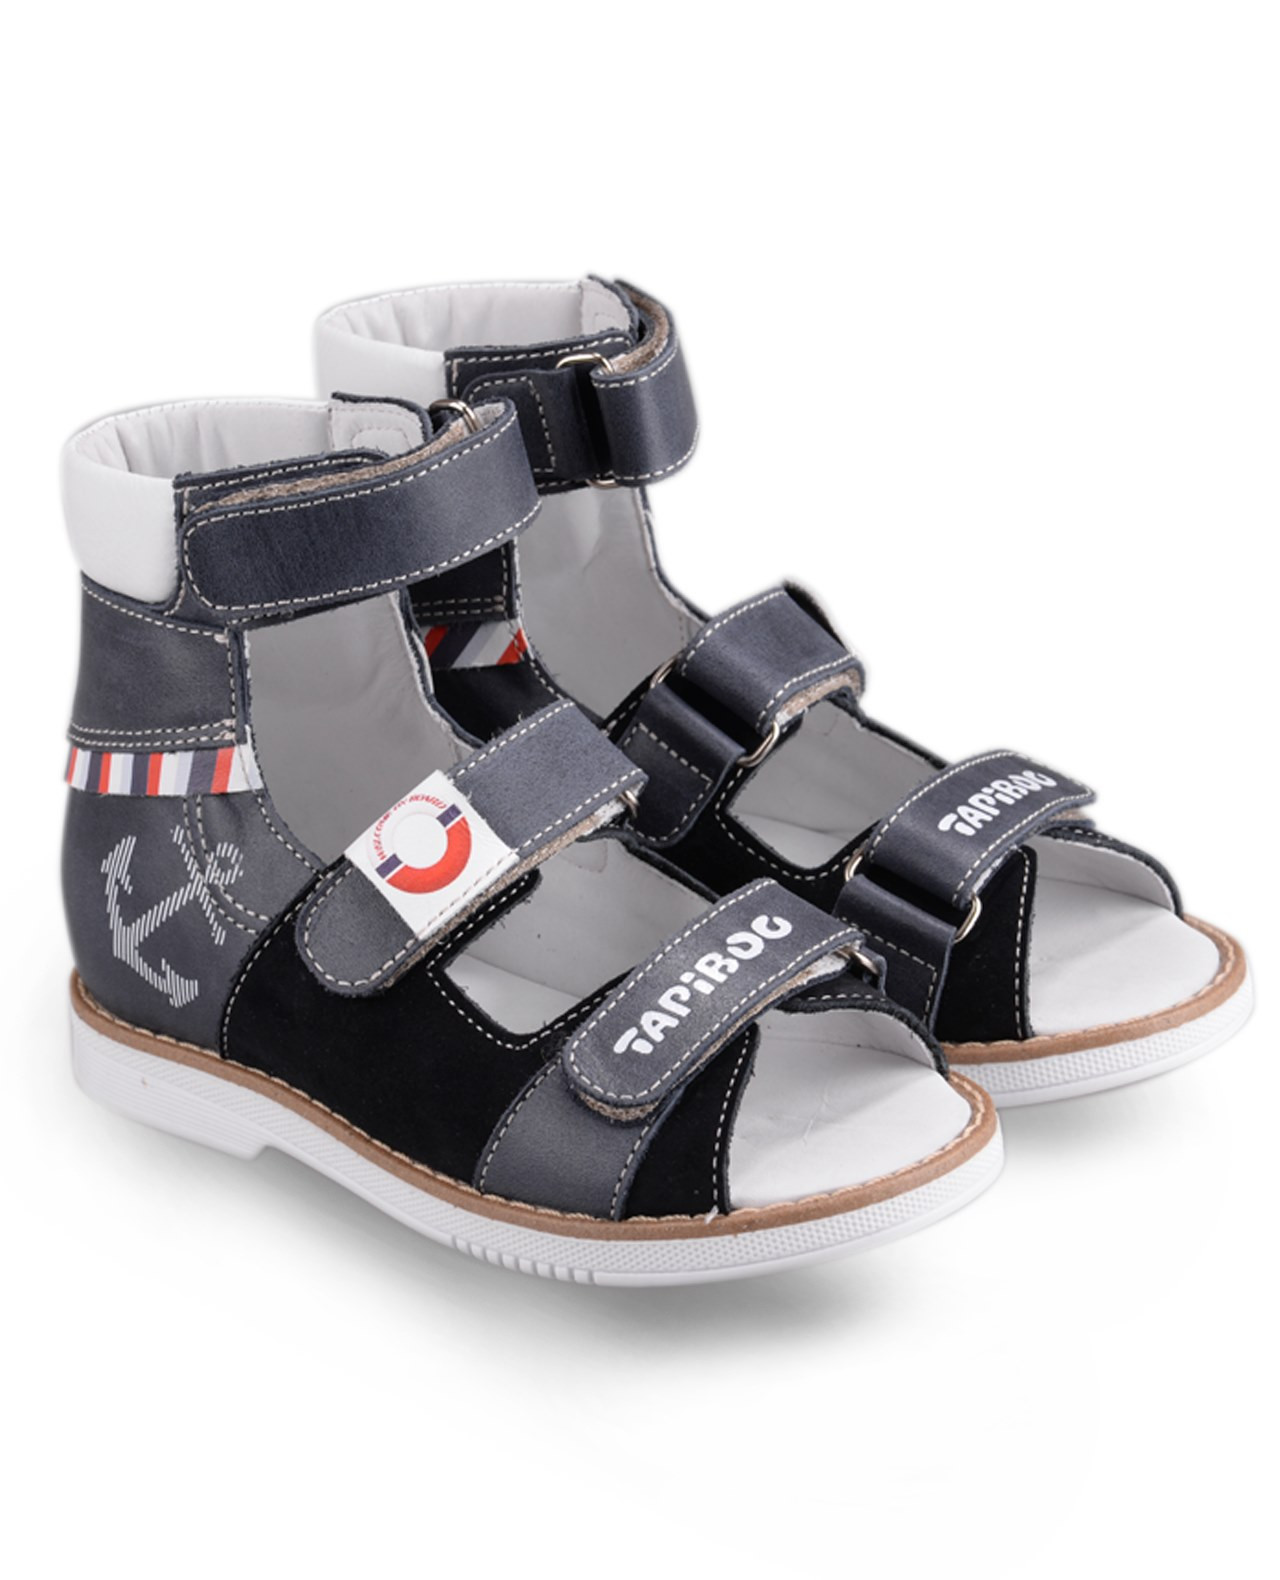 Сандалии Детские, Tapiboo Венге (44090, 23 )Сандалии<br>Эти ортопедические сандалии разработаны <br>для коррекции стоп при вальгусной деформации, <br>а также для профилактики плоскостопия. <br>Применение данной модели рекомендовано <br>детям при наличии сформировавшихся деформаций. <br>При применении данной обуви рекомендуется <br>использование индивидуальных ортопедических <br>стелек по назначению врача-ортопеда. Жесткий <br>фиксирующий задник увеличенной высоты <br>и возможность регулировки полноты тремя <br>застежками «велкро» обеспечивают необходимую <br>фиксацию голеностопа в правильном положении. <br>Широкий, устойчивый каблук, специальной <br>конфигурации «каблук Томаса». Каблук продлен <br>с внутренней стороны до середины стопы, <br>предотвращает вращение (заваливание) стопы <br>вовнутрь (пронационный компонент деформации, <br>так называемая косолапость, или вальгусная <br>деформация). Подкладка из кожи теленка без <br>швов. Кожа теленка обладает повышенной <br>износостойкостью в сочетании с мягкостью <br>и отличной способностью пропускать воздух <br>для создания оптимального температурного <br>режима (нога не потеет). Отсутствие швов <br>на подкладк<br>Размер INT: M; Цвет: Красный; Ширина: 100; Высота: 200; Вес: 1000;